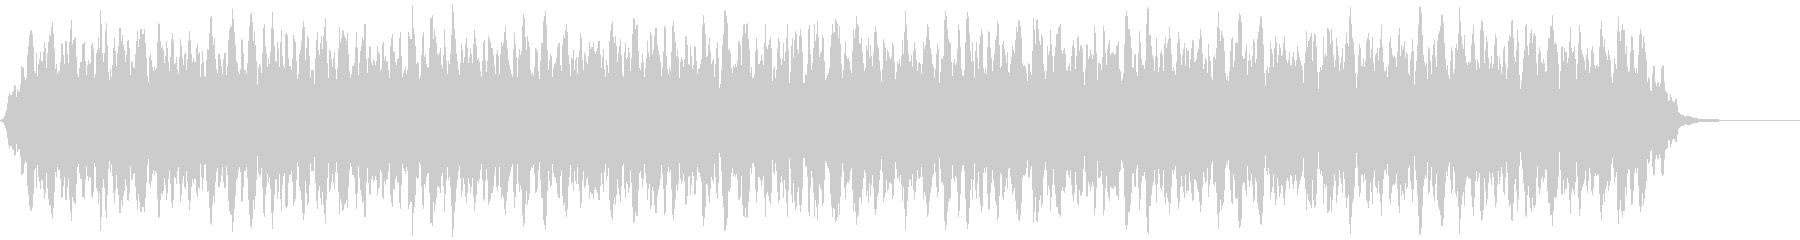 【アンビエント】ドローン_26 実験音の未再生の波形